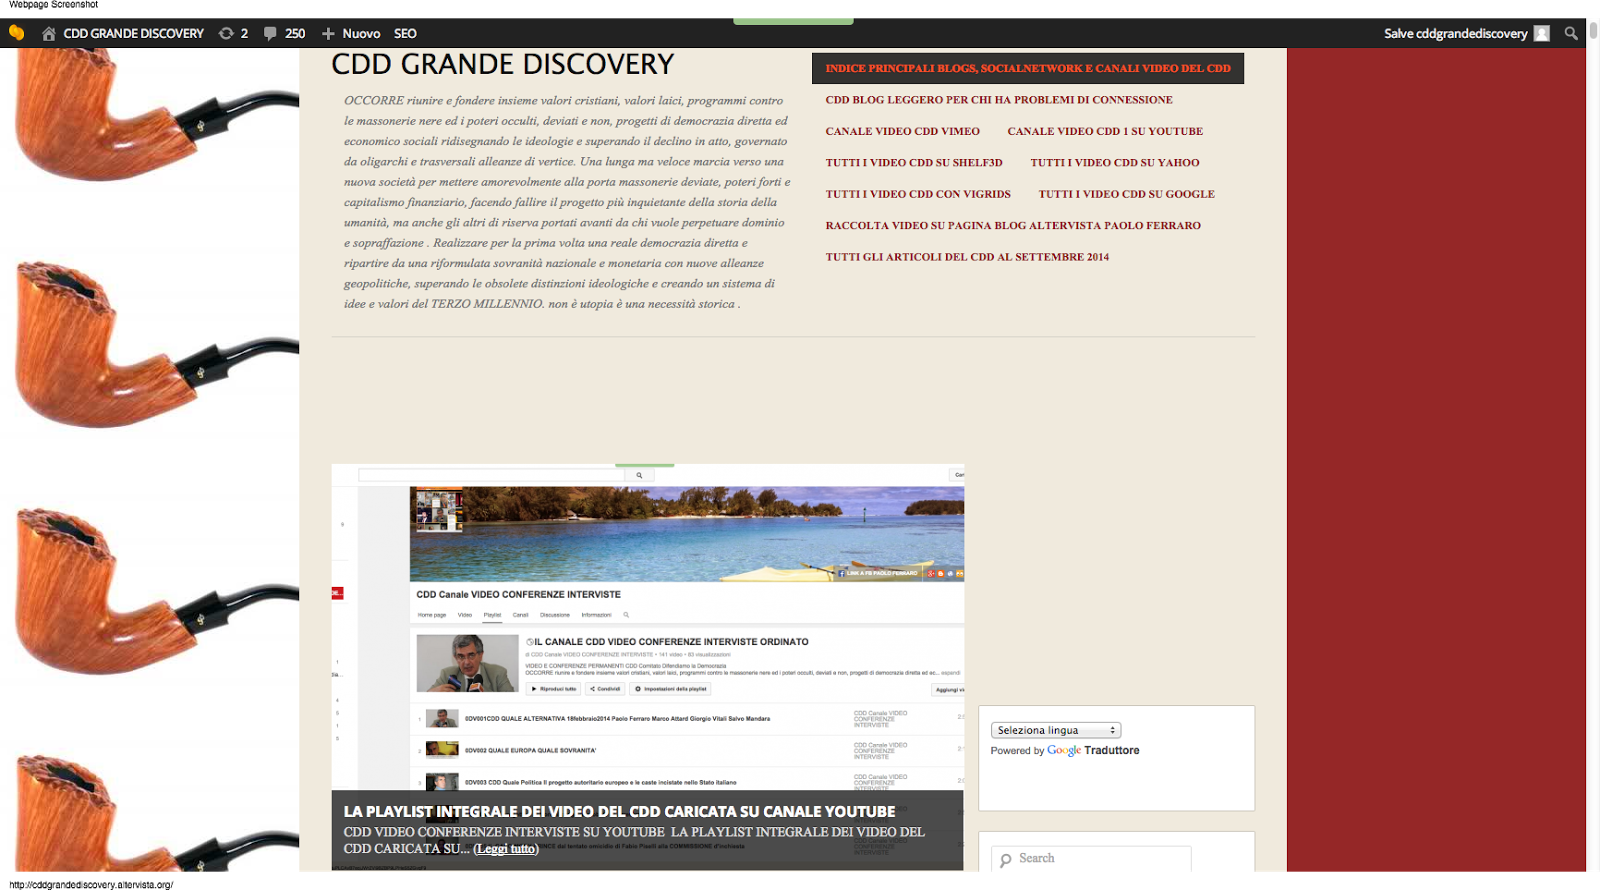 GUARDA IL BLOG CDDGRANDEDISCOVERY SU ALTERVISTA